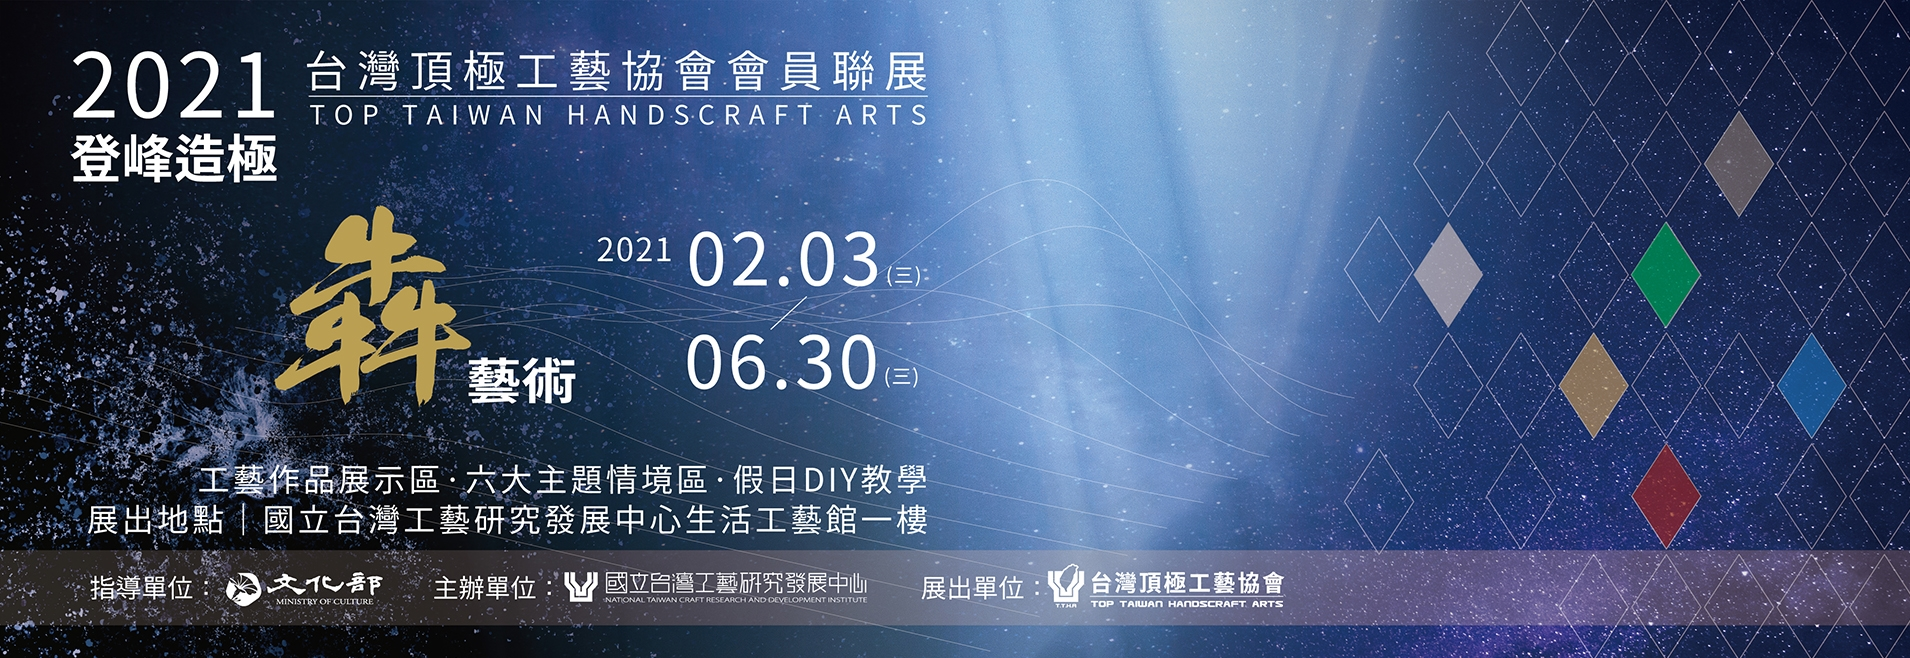 2021登峰造極-犇藝術 台灣頂極工藝協會會員聯展「另開新視窗」